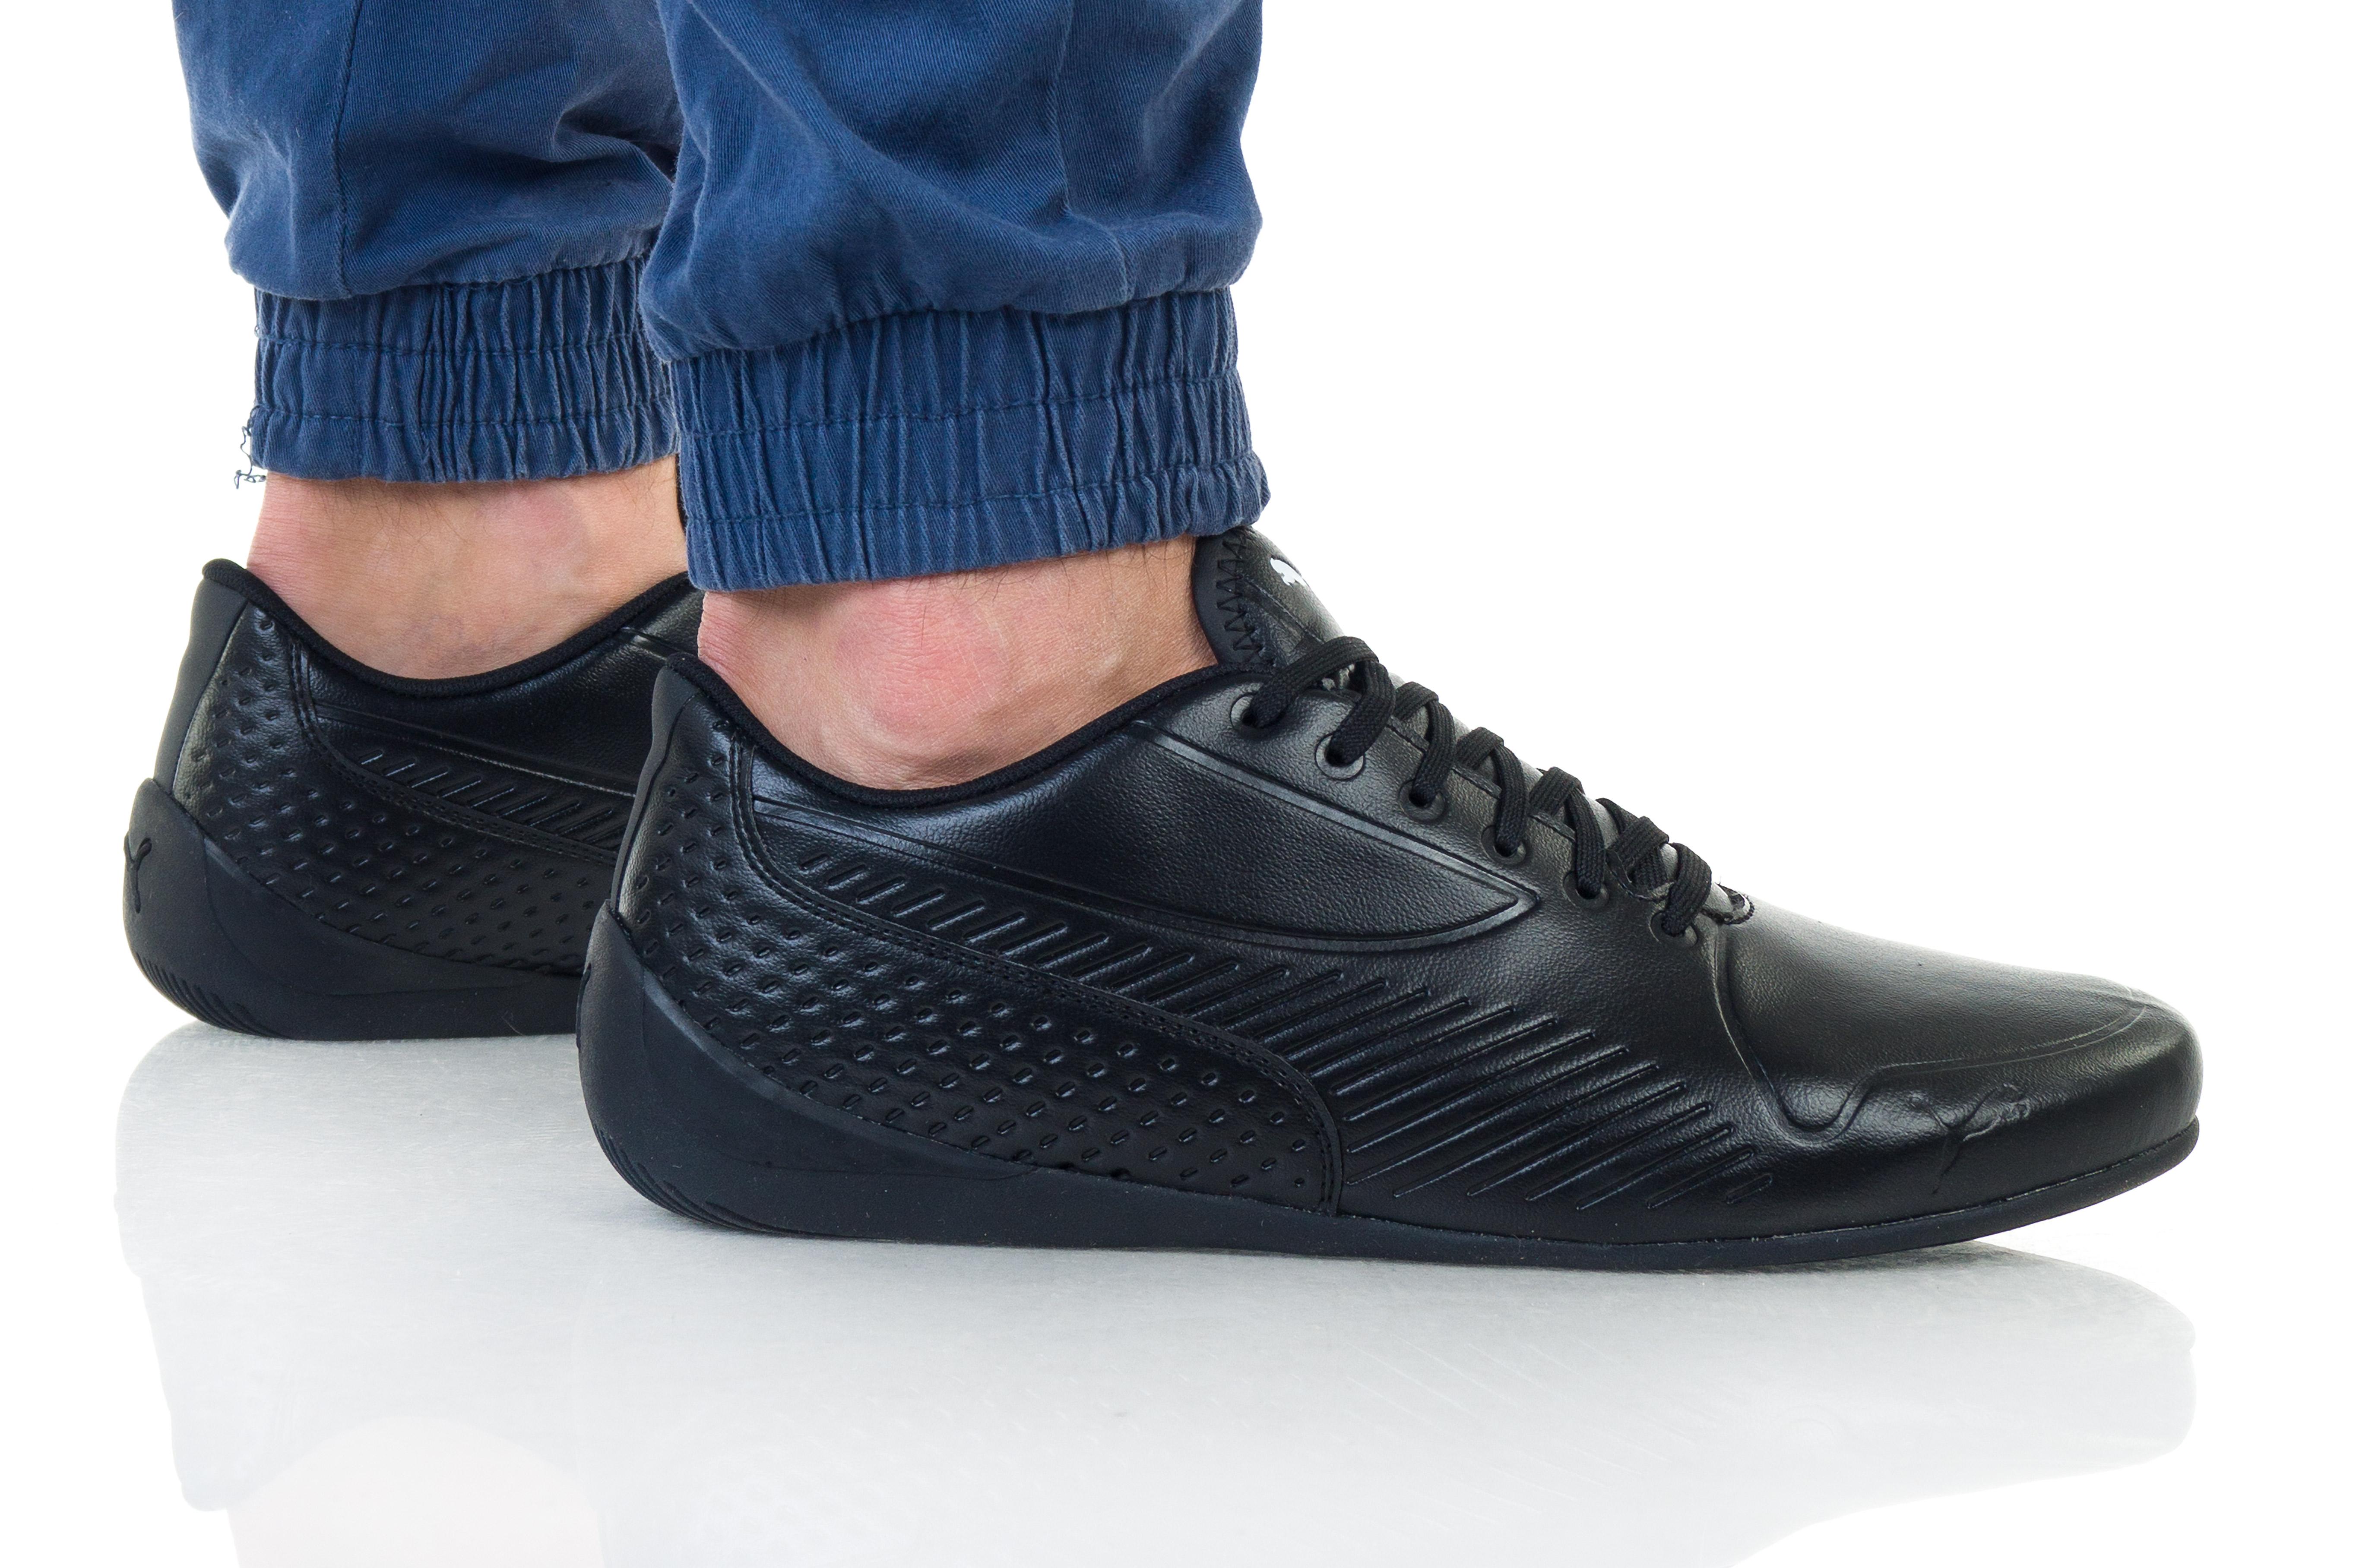 נעליים פומה לגברים PUMA DRIFT CAT 7S ULTRA - שחור